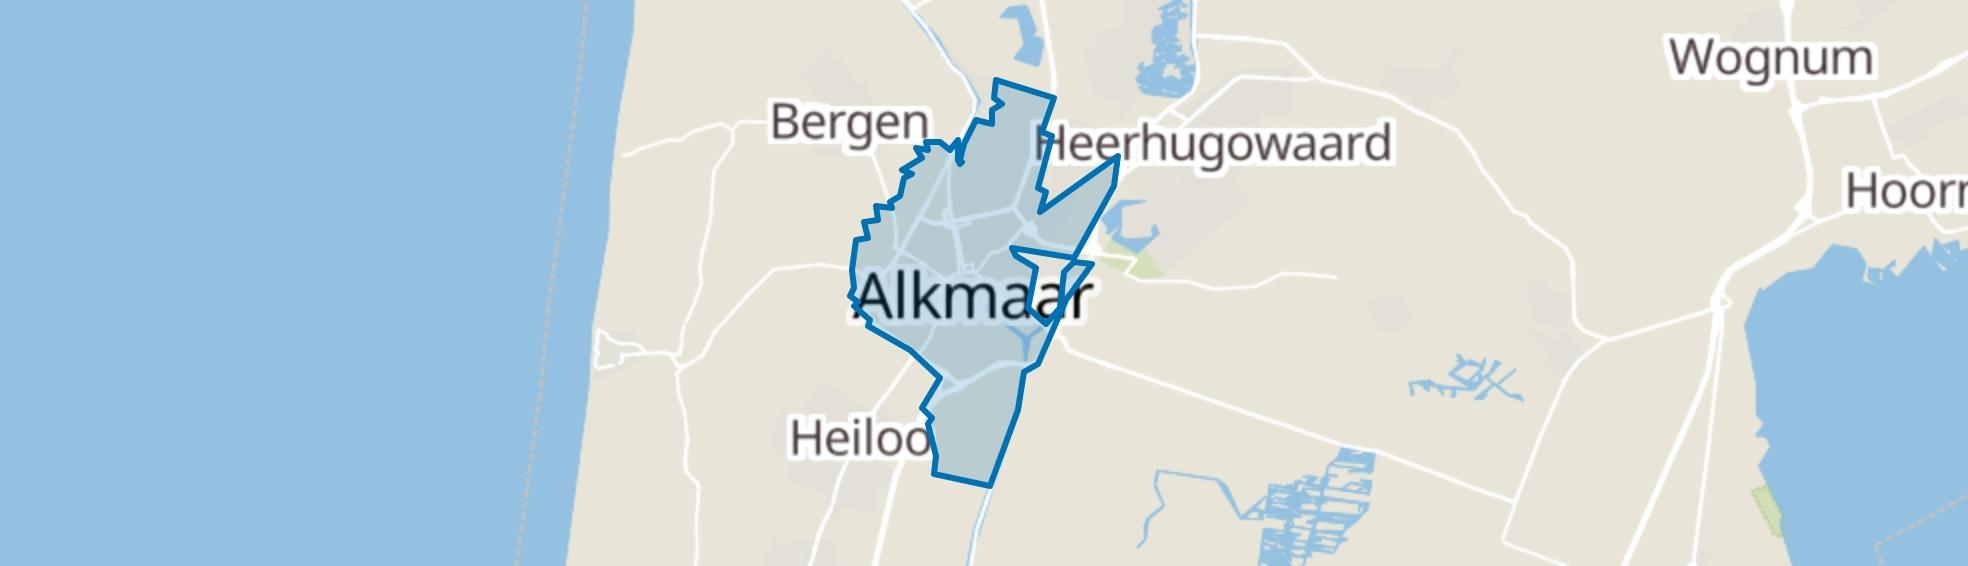 Alkmaar map